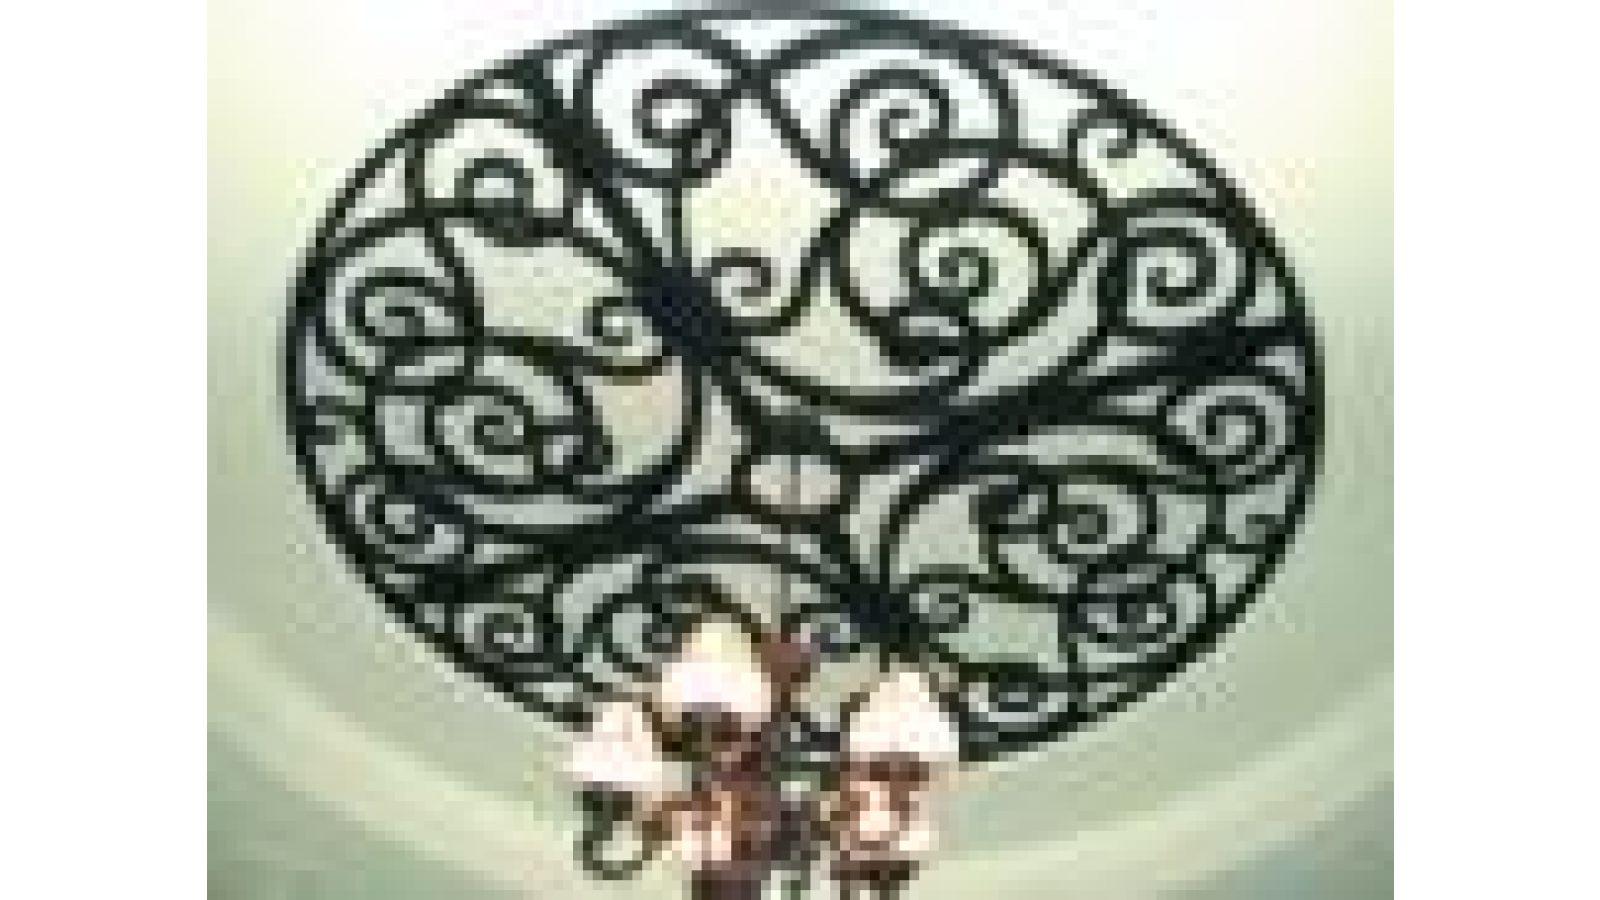 Tableaux¢â€ž¢ Ceiling Mount Design